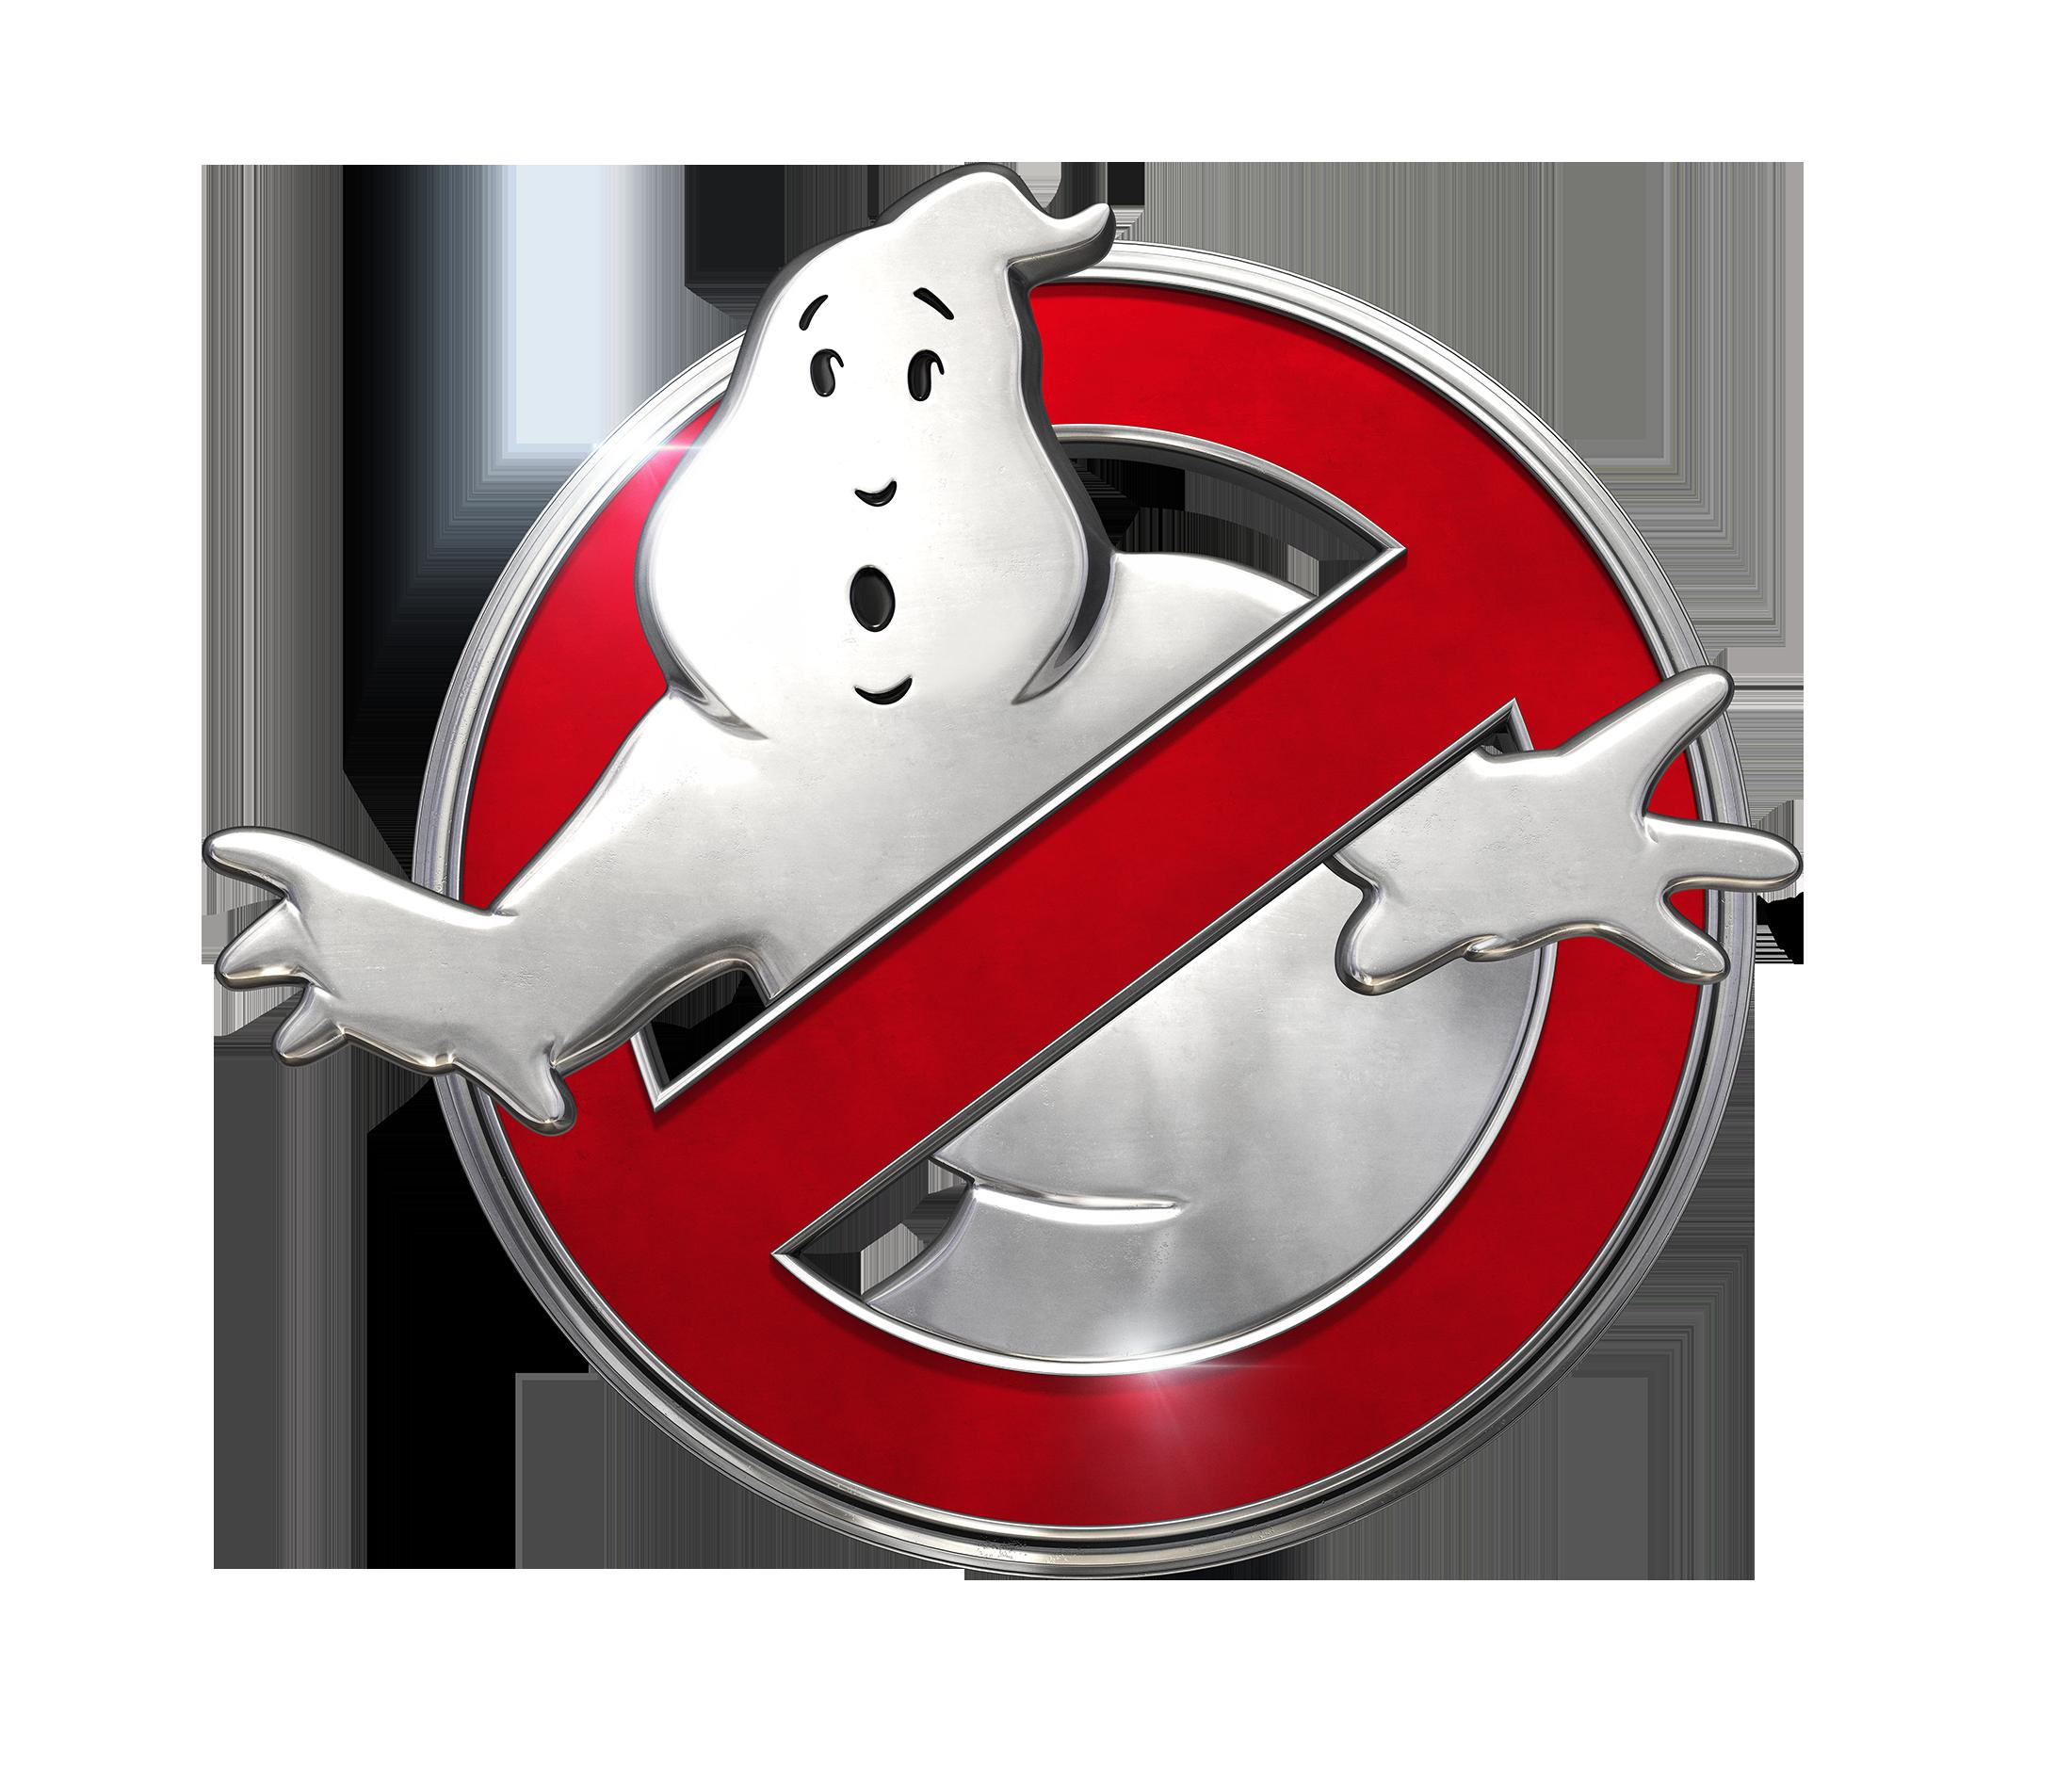 Ghostbusters Images Png Logo Cazafantasmas Nuevas Peliculas Ghostbusters